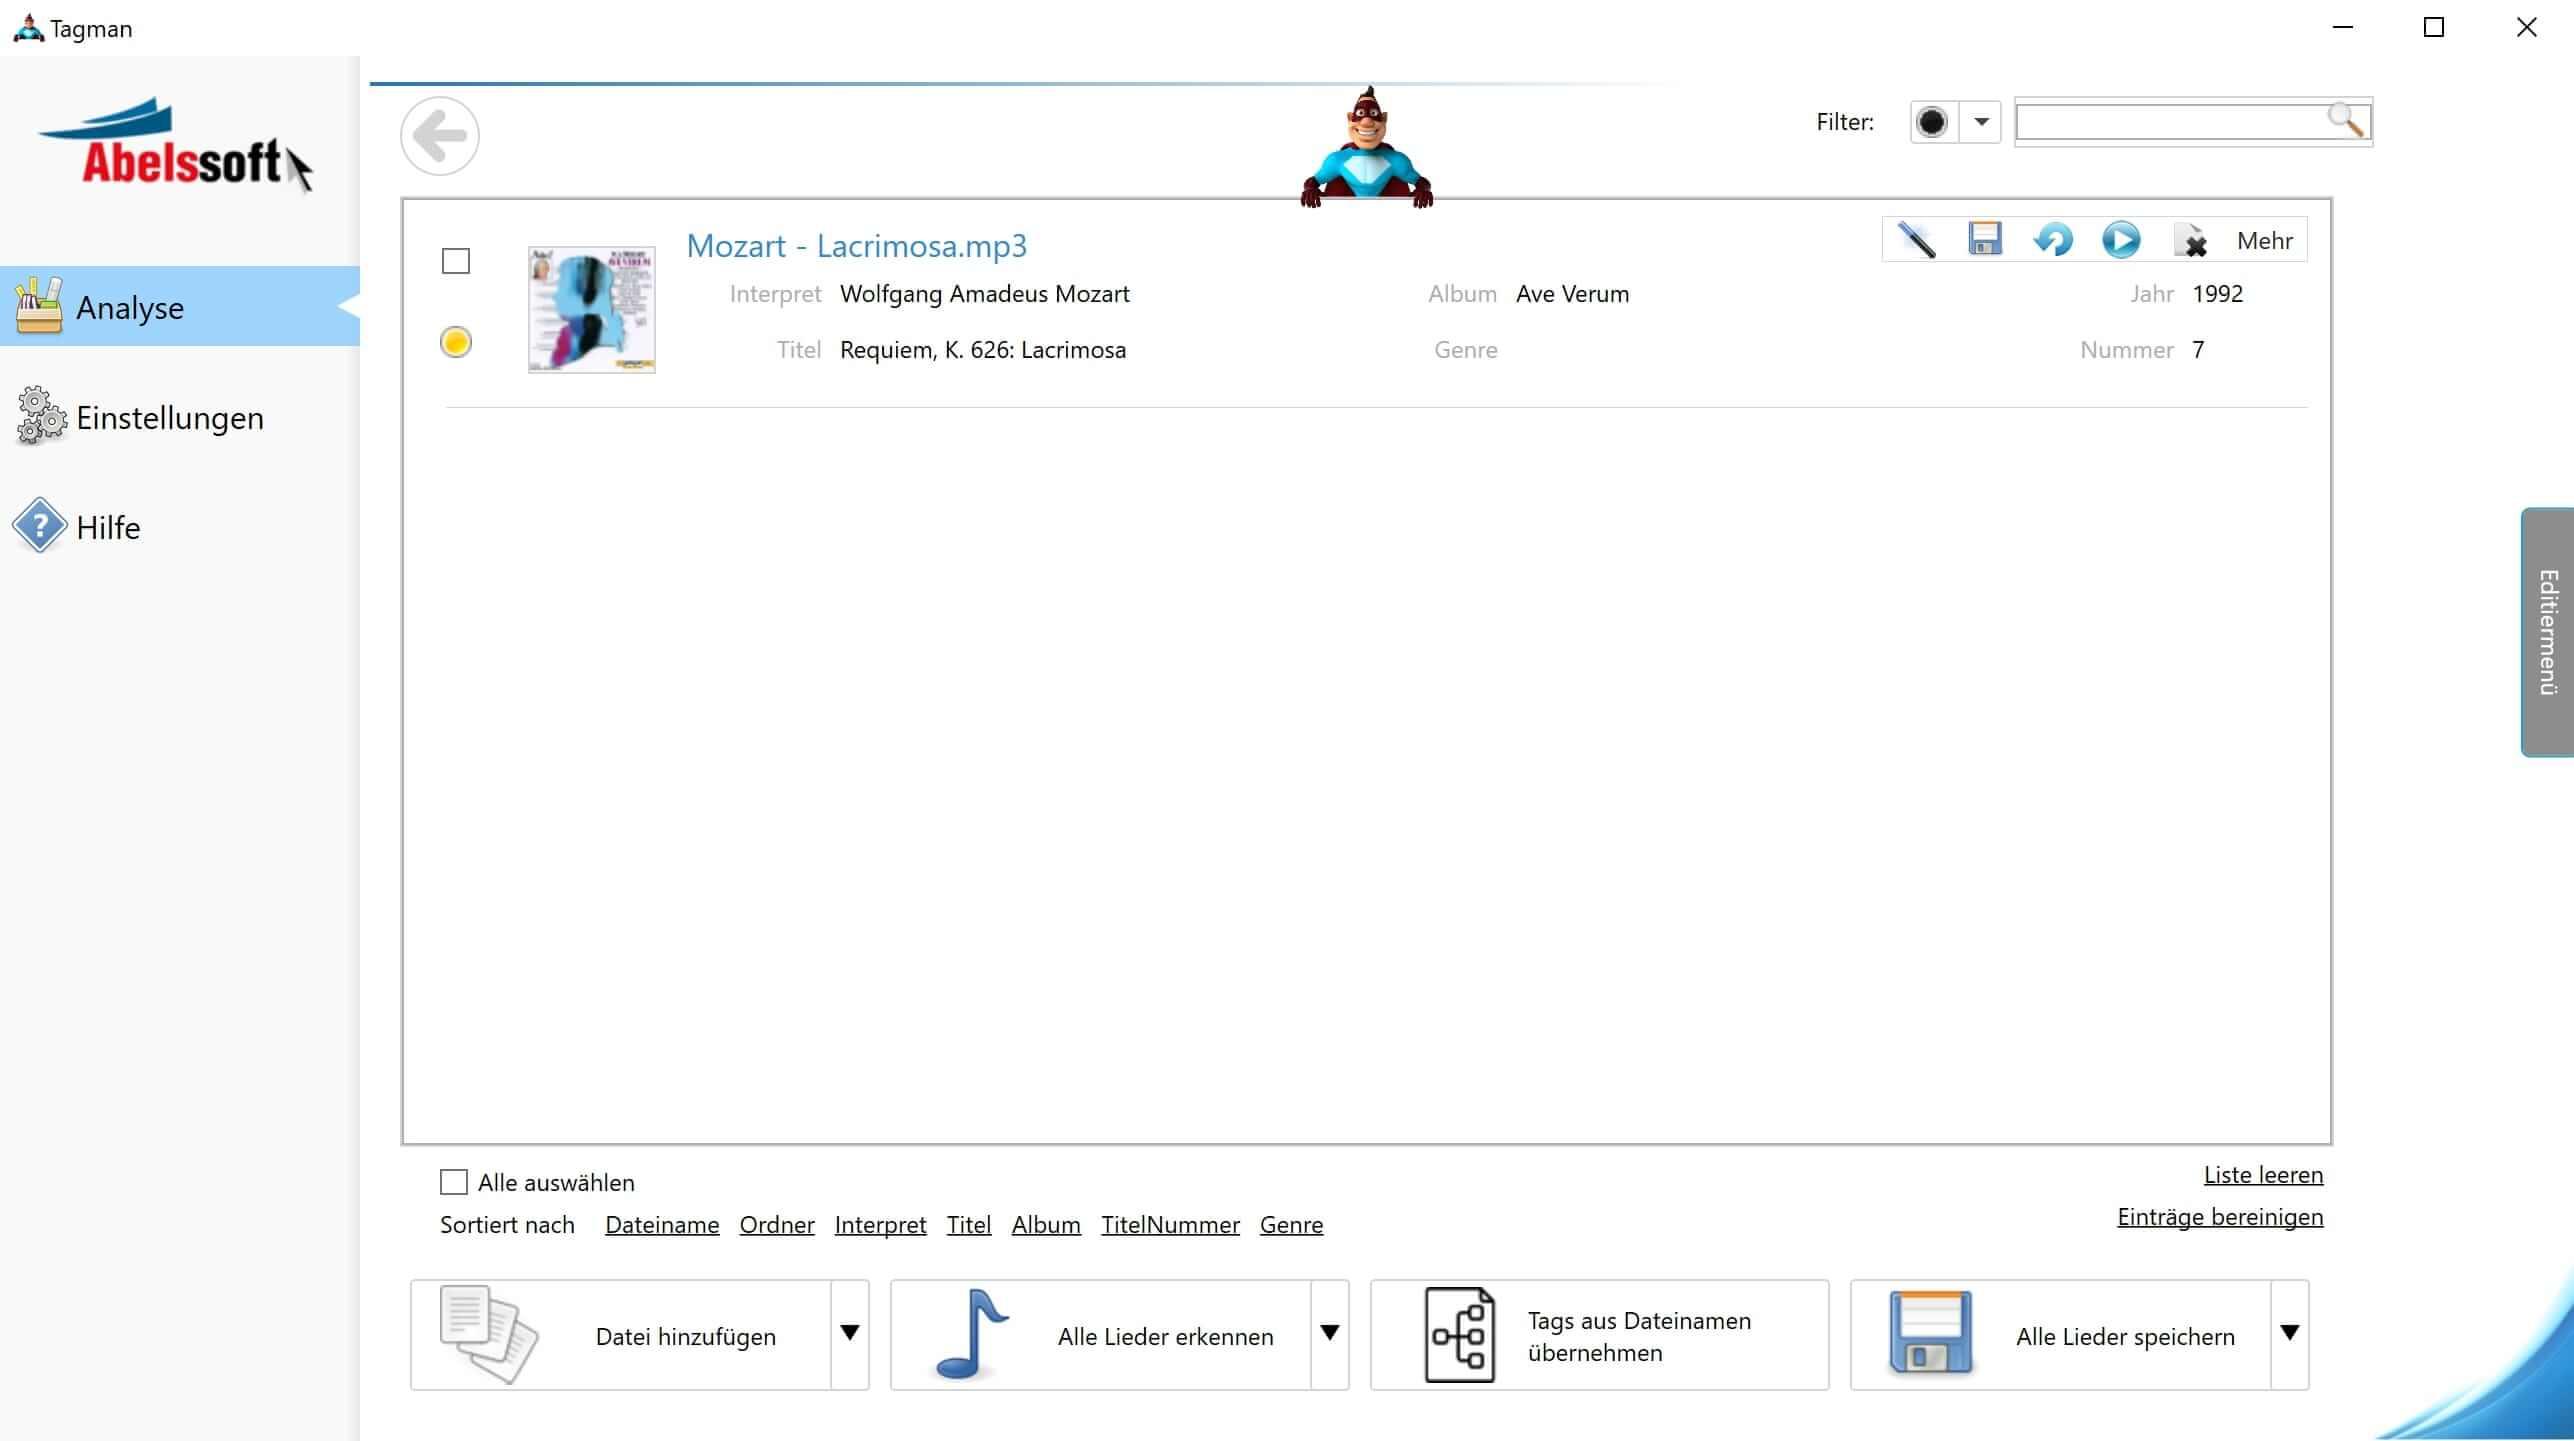 MP3 Interpret und Titel bearbeiten - Tags automatisch hinzufügen